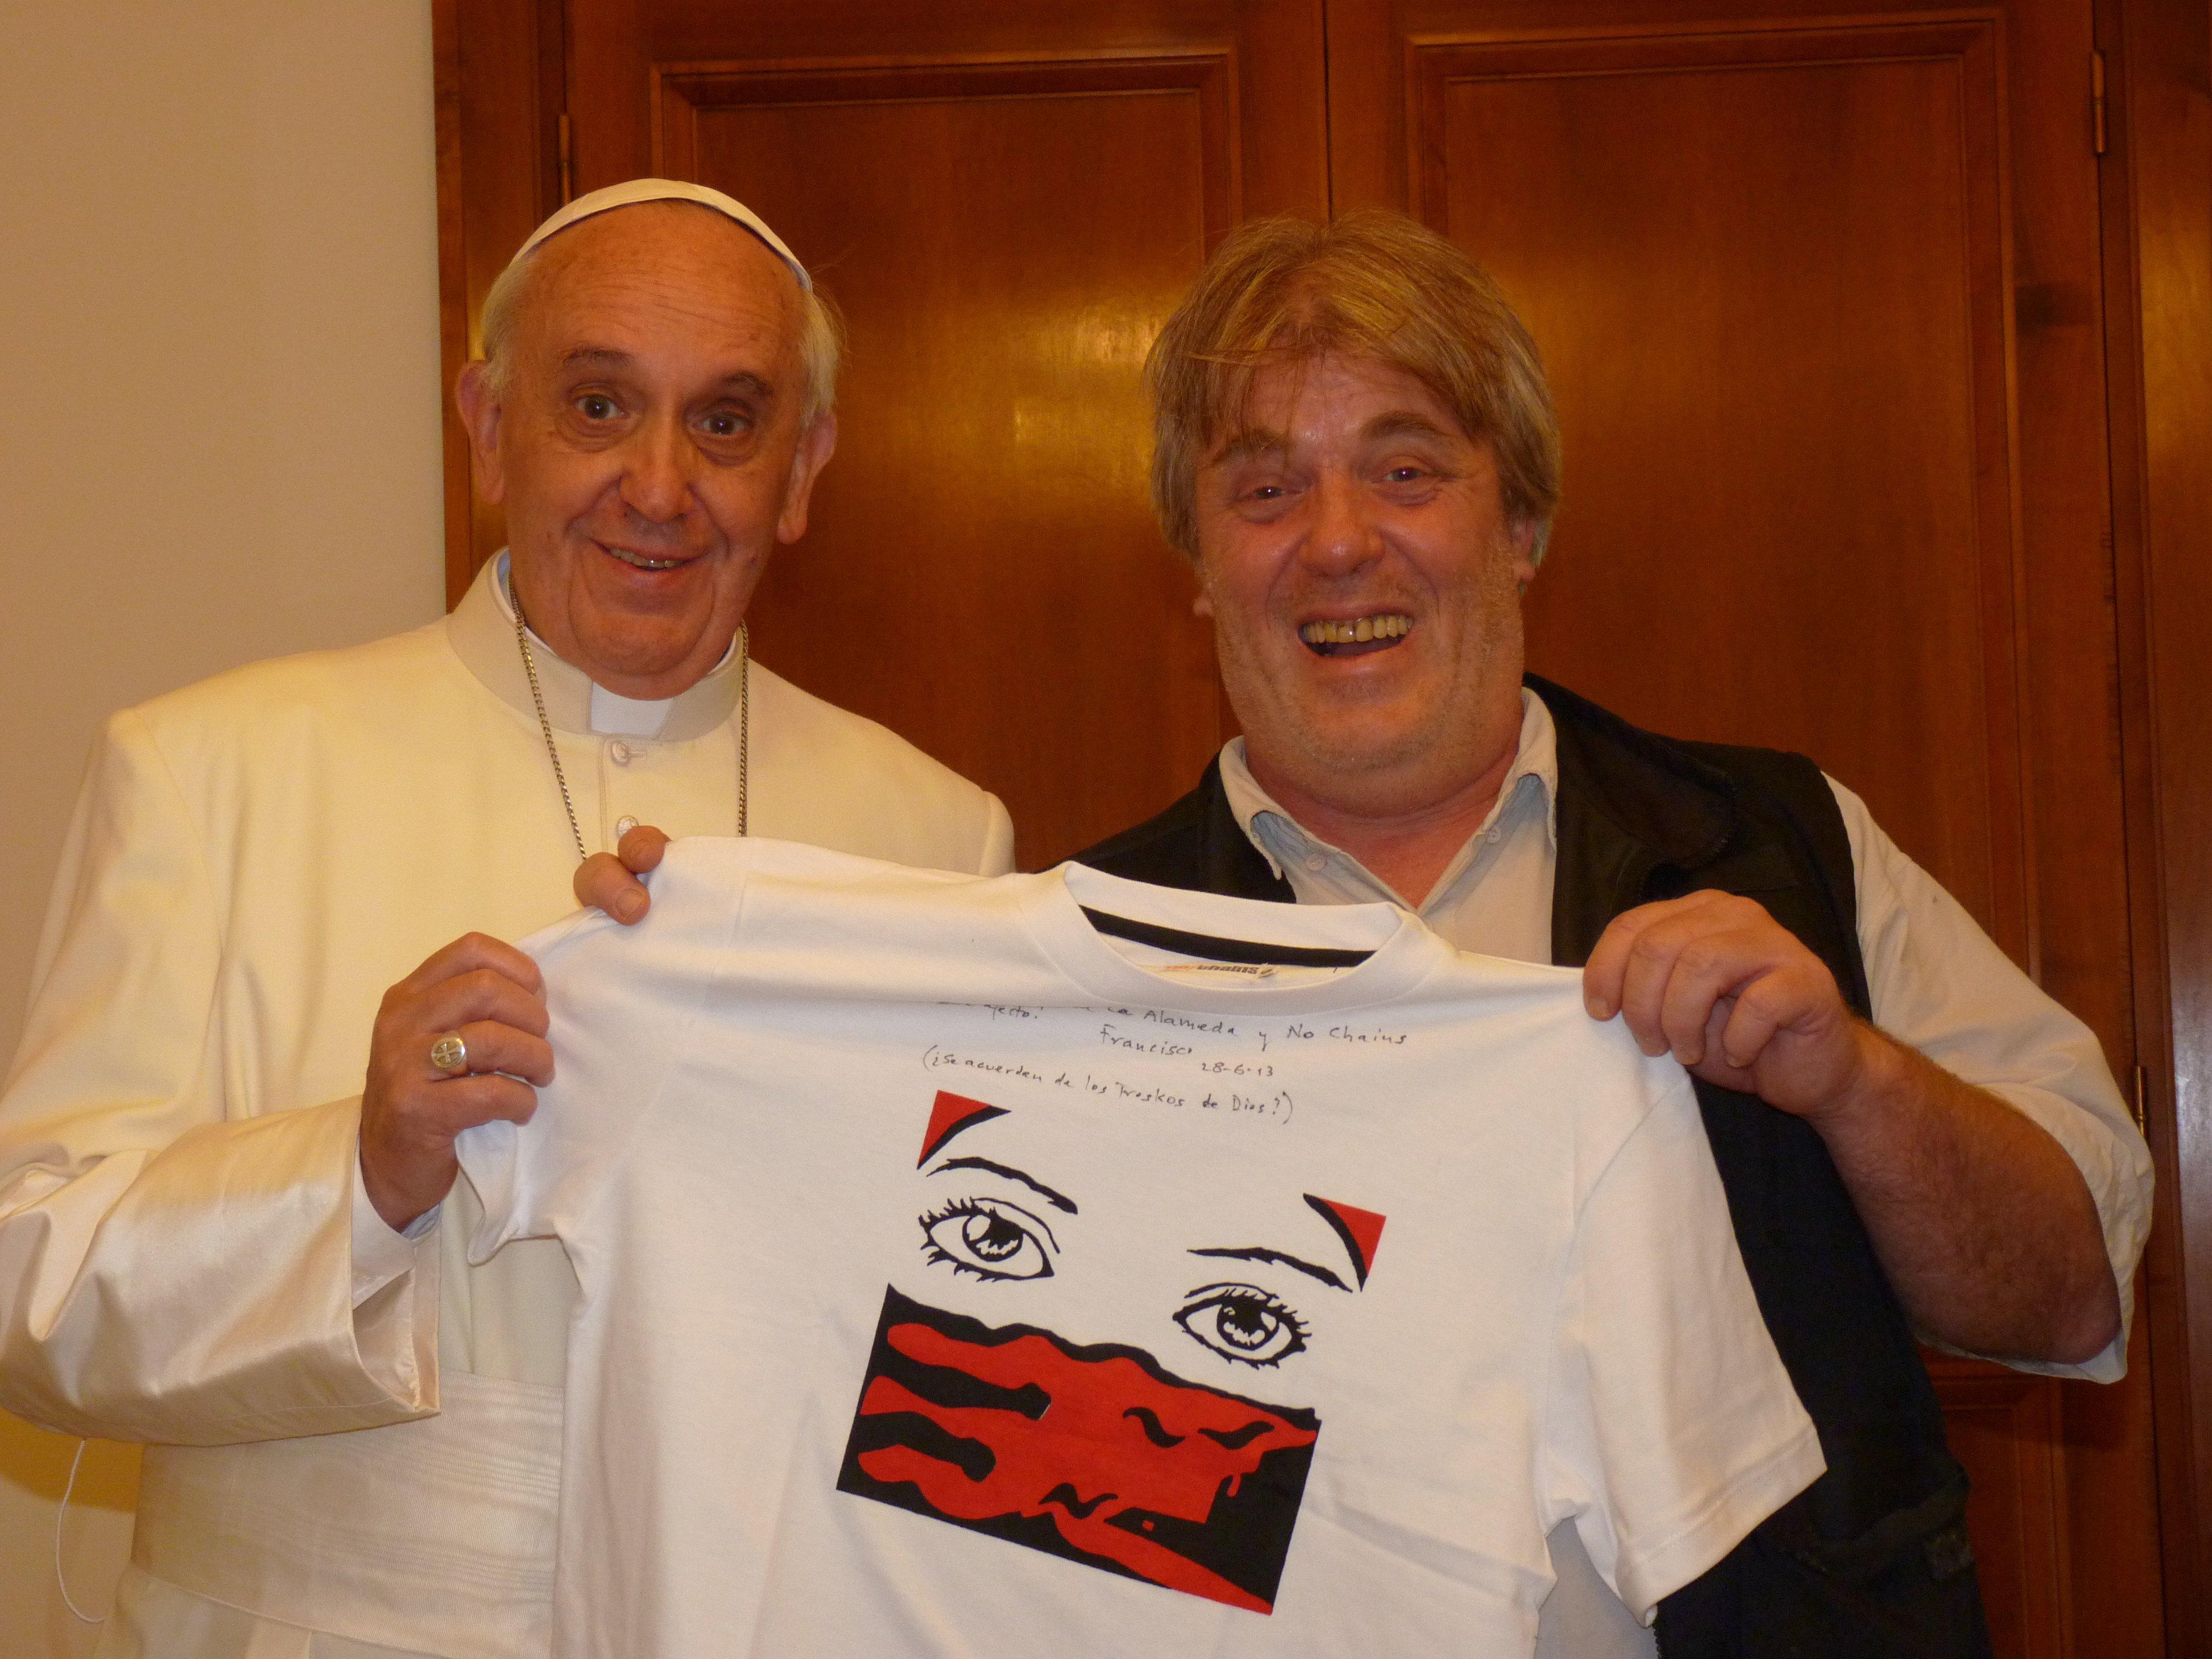 Papa felicita a legislador argentino por donar gran parte de su sueldo